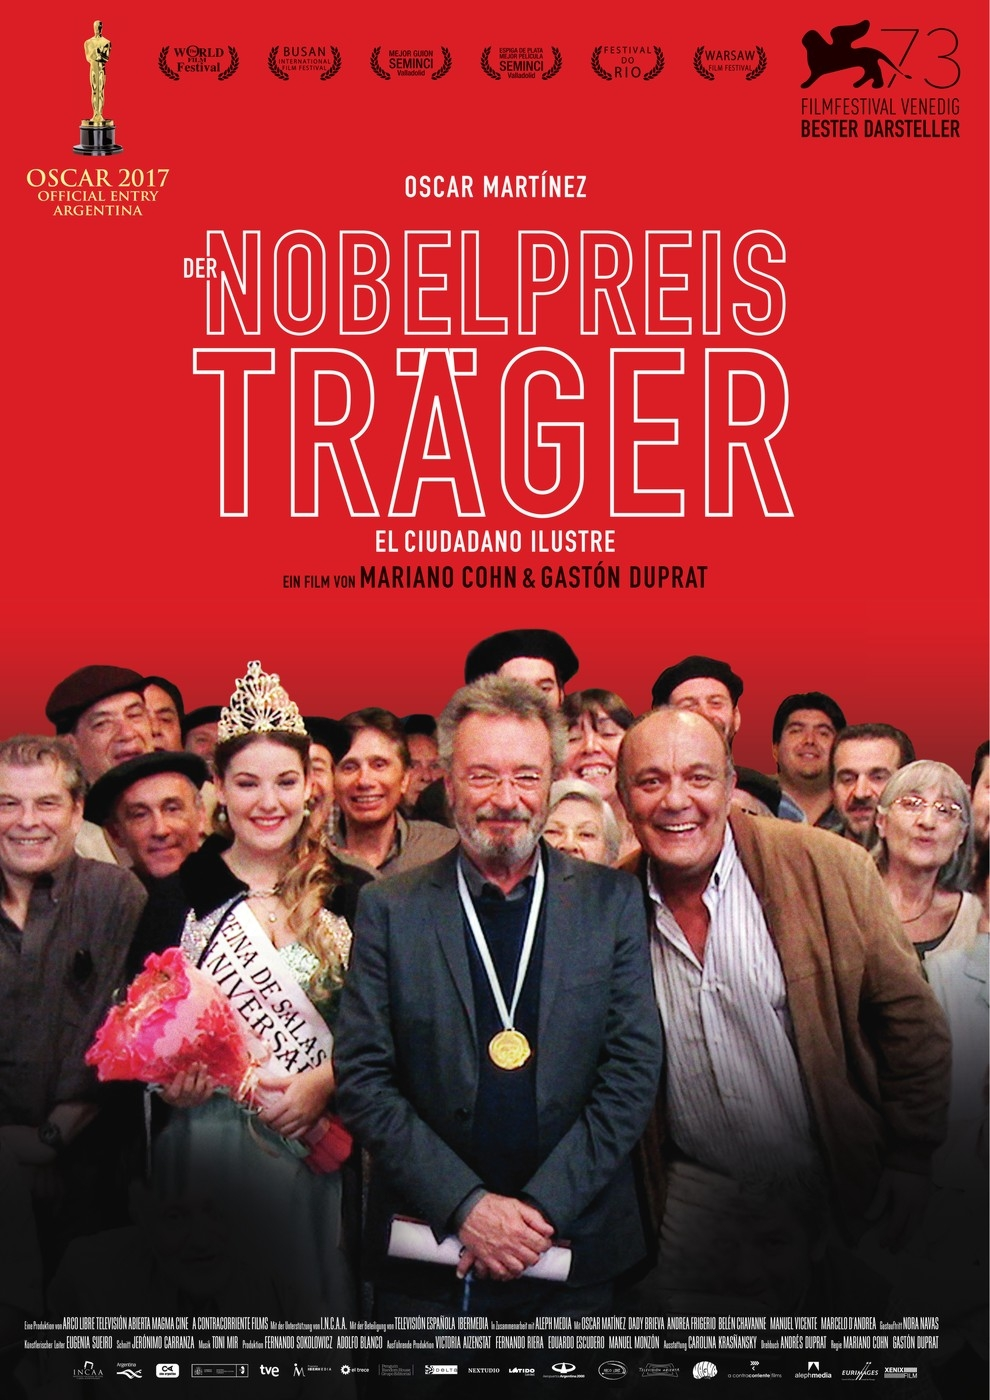 Der Nobelpreisträger - El ciudadano ilustre (Poster)